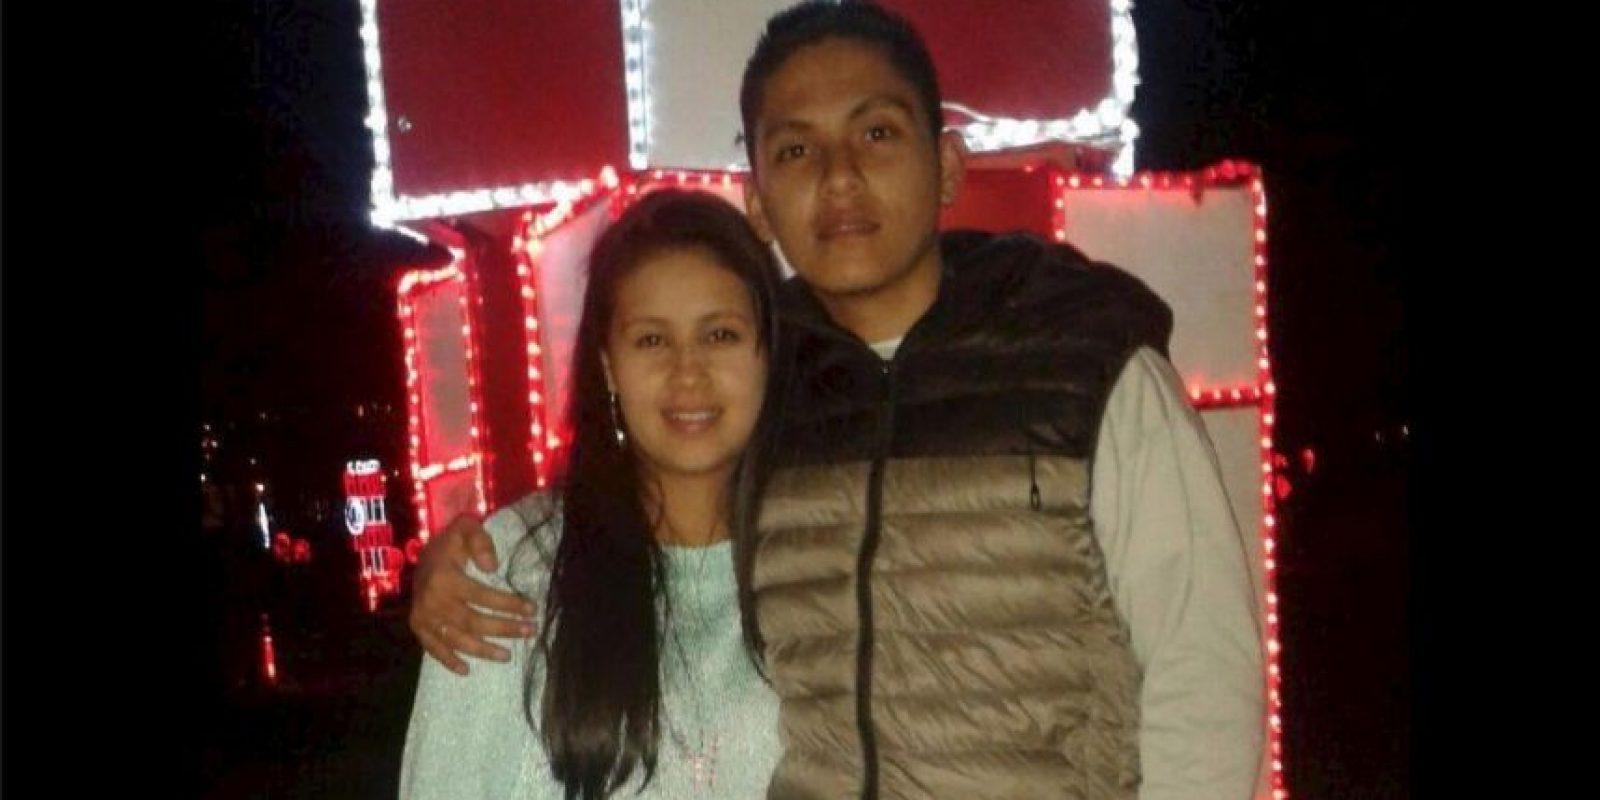 Ellos son la pareja que buscan a Sandra Foto:Vía facebook.com/grant.robinson.752